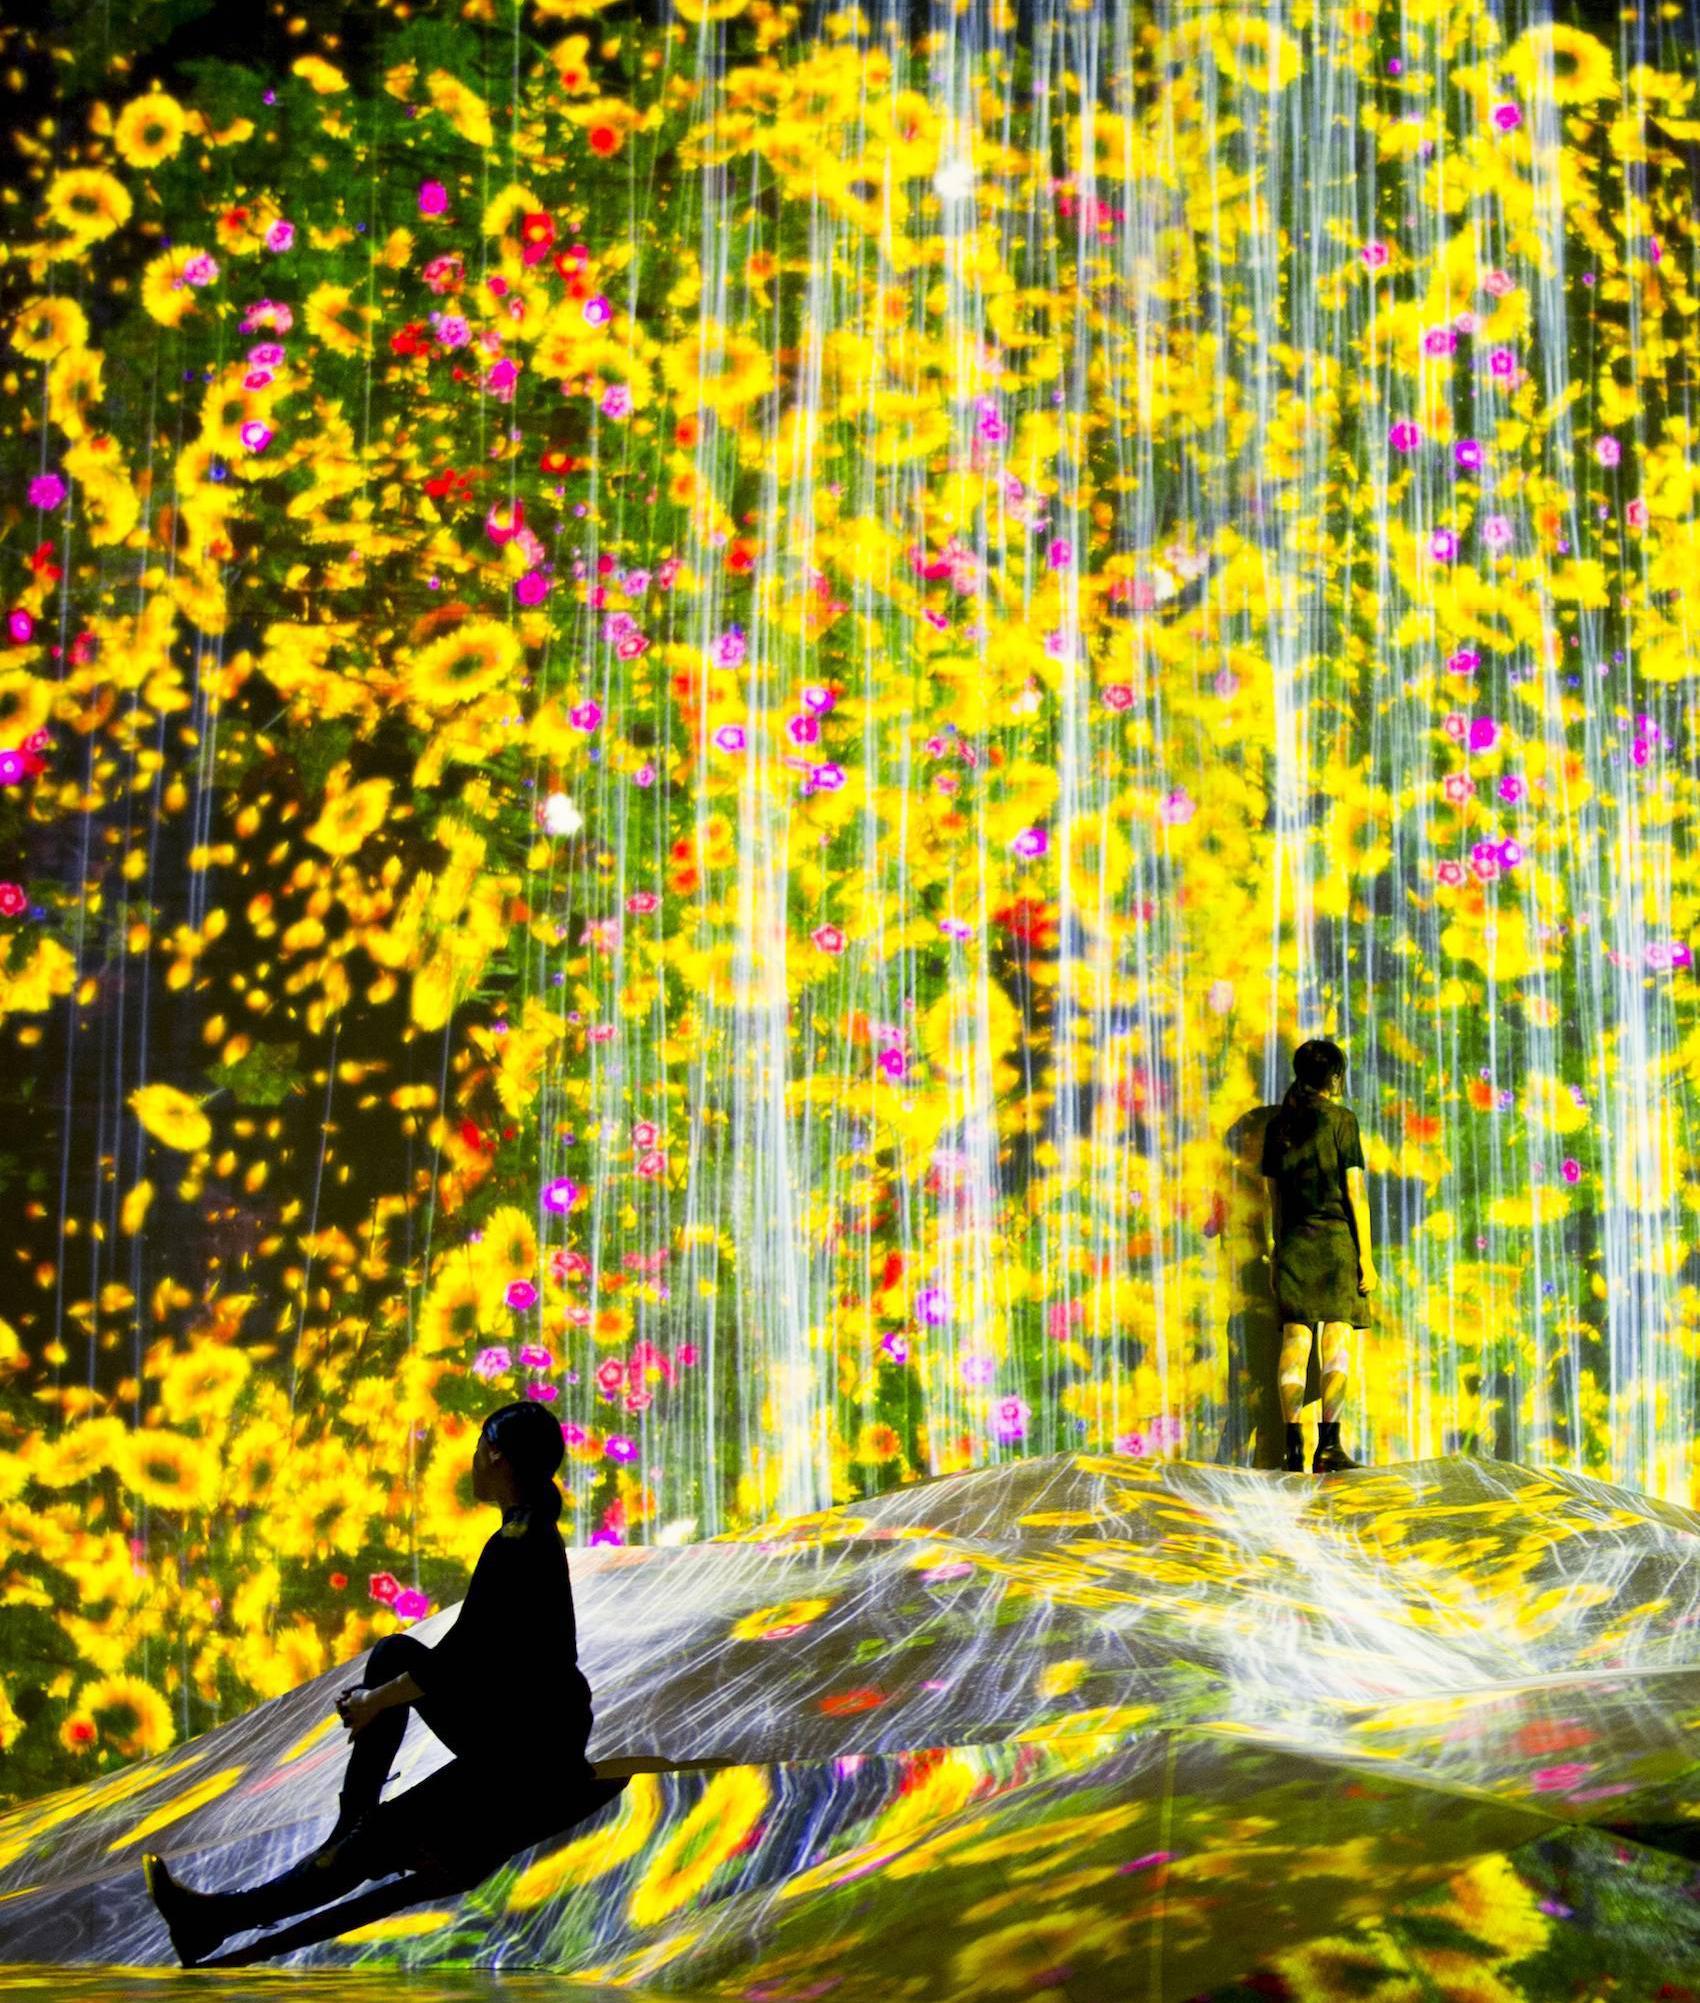 Токио Другая реальность: первый в мире Музей цифровых искусств в Токио 4